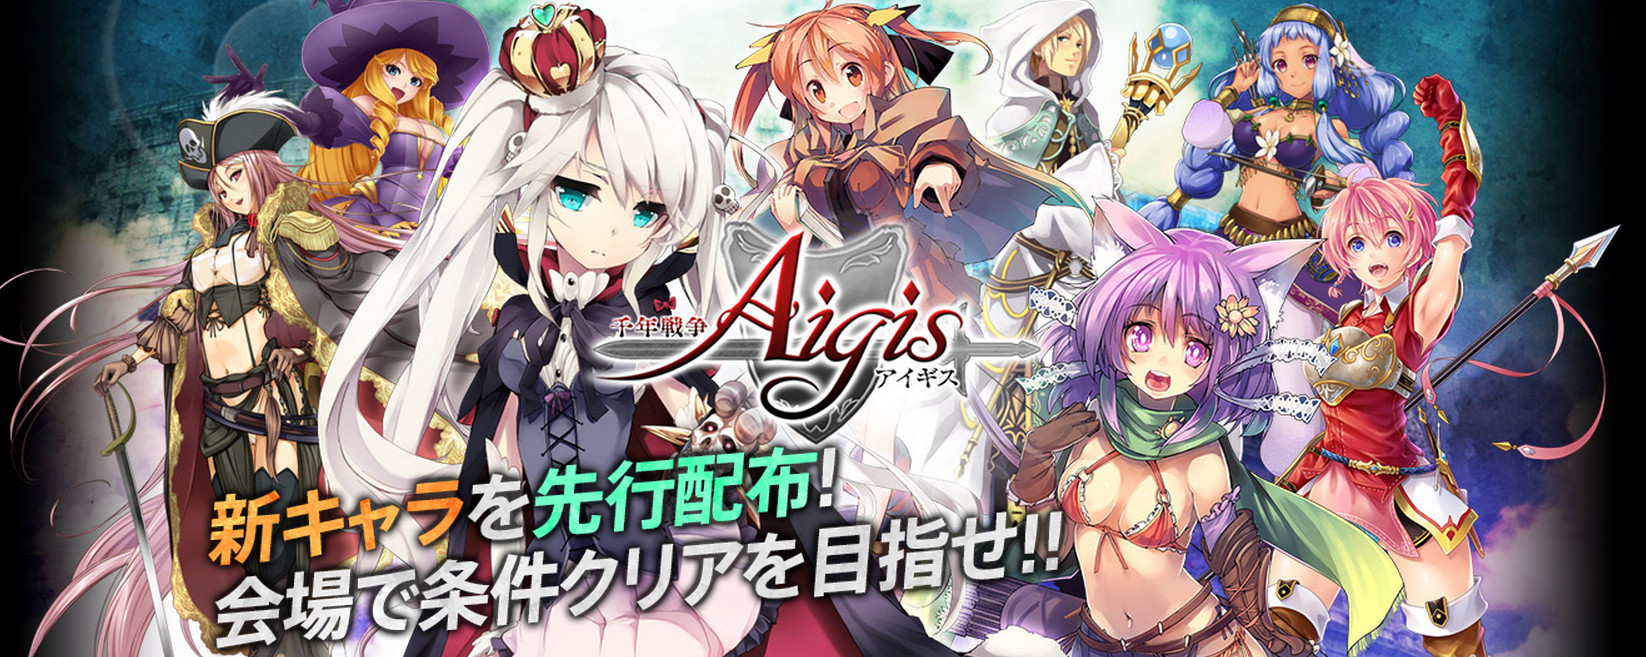 アイギスがTGCで新キャラ配布するから行きたい 東京ゲームショウ2015×千年戦争アイギス